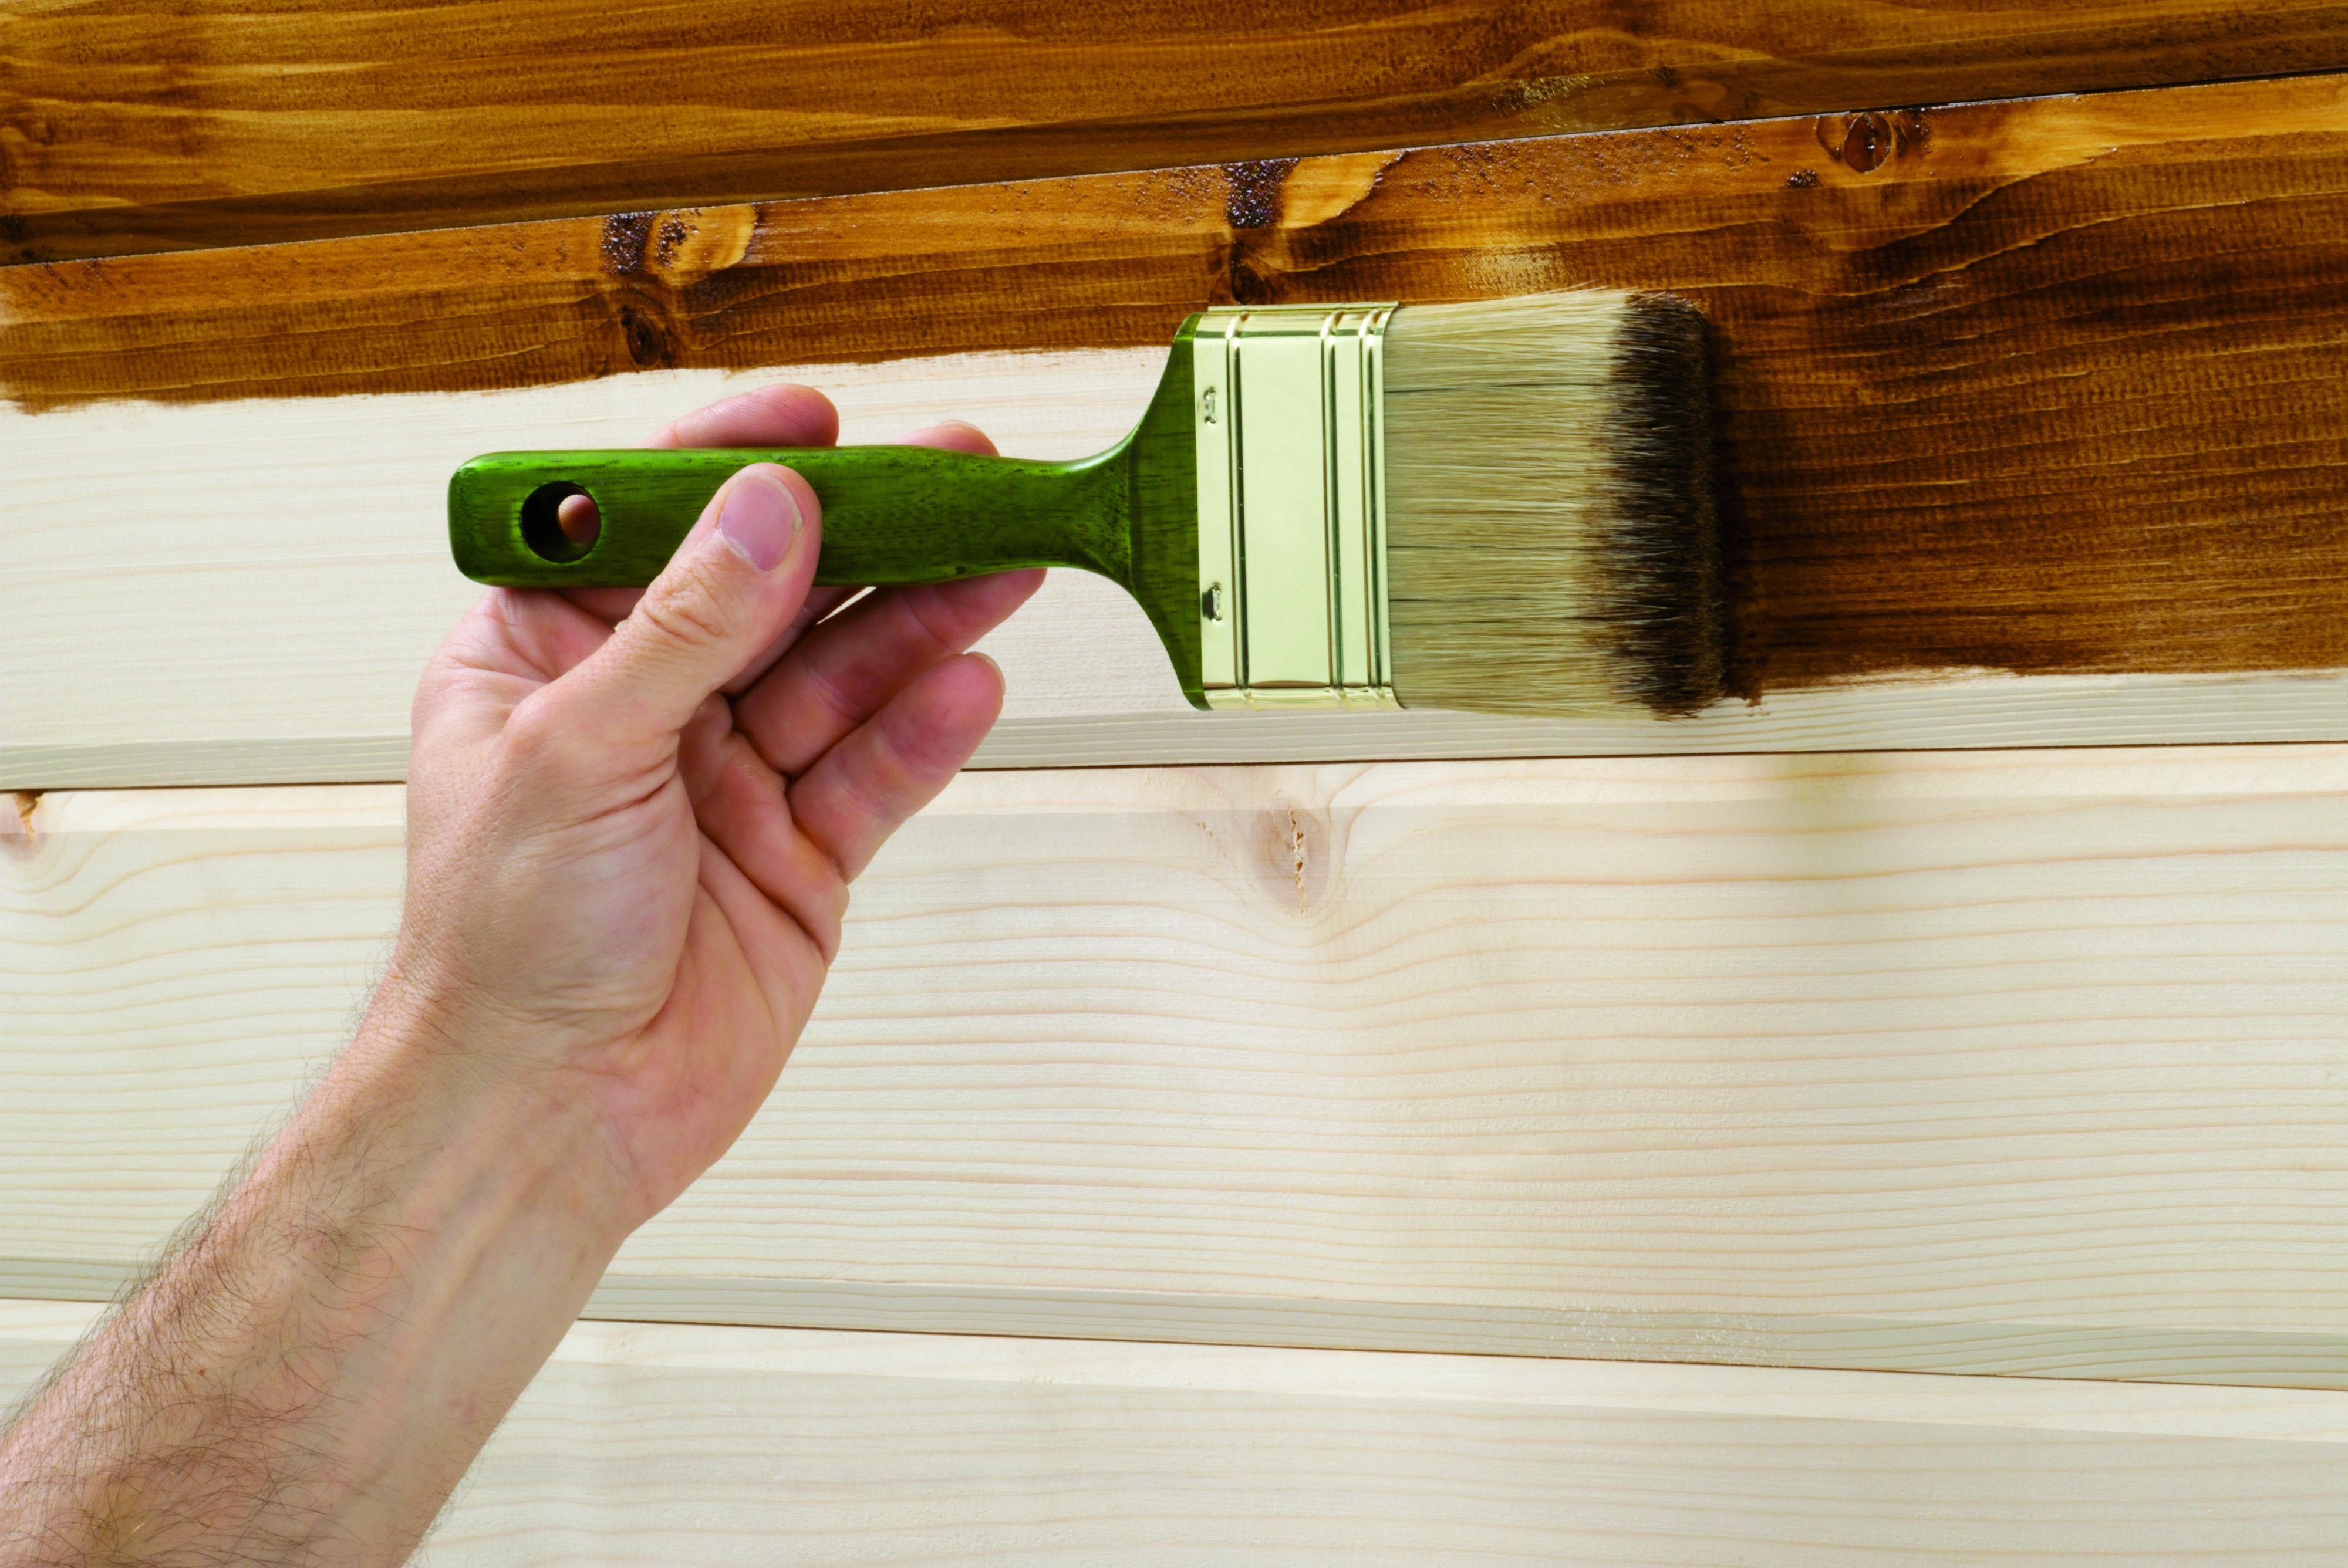 holz richtig lasieren anleitung und tipps alpina lasieren. Black Bedroom Furniture Sets. Home Design Ideas